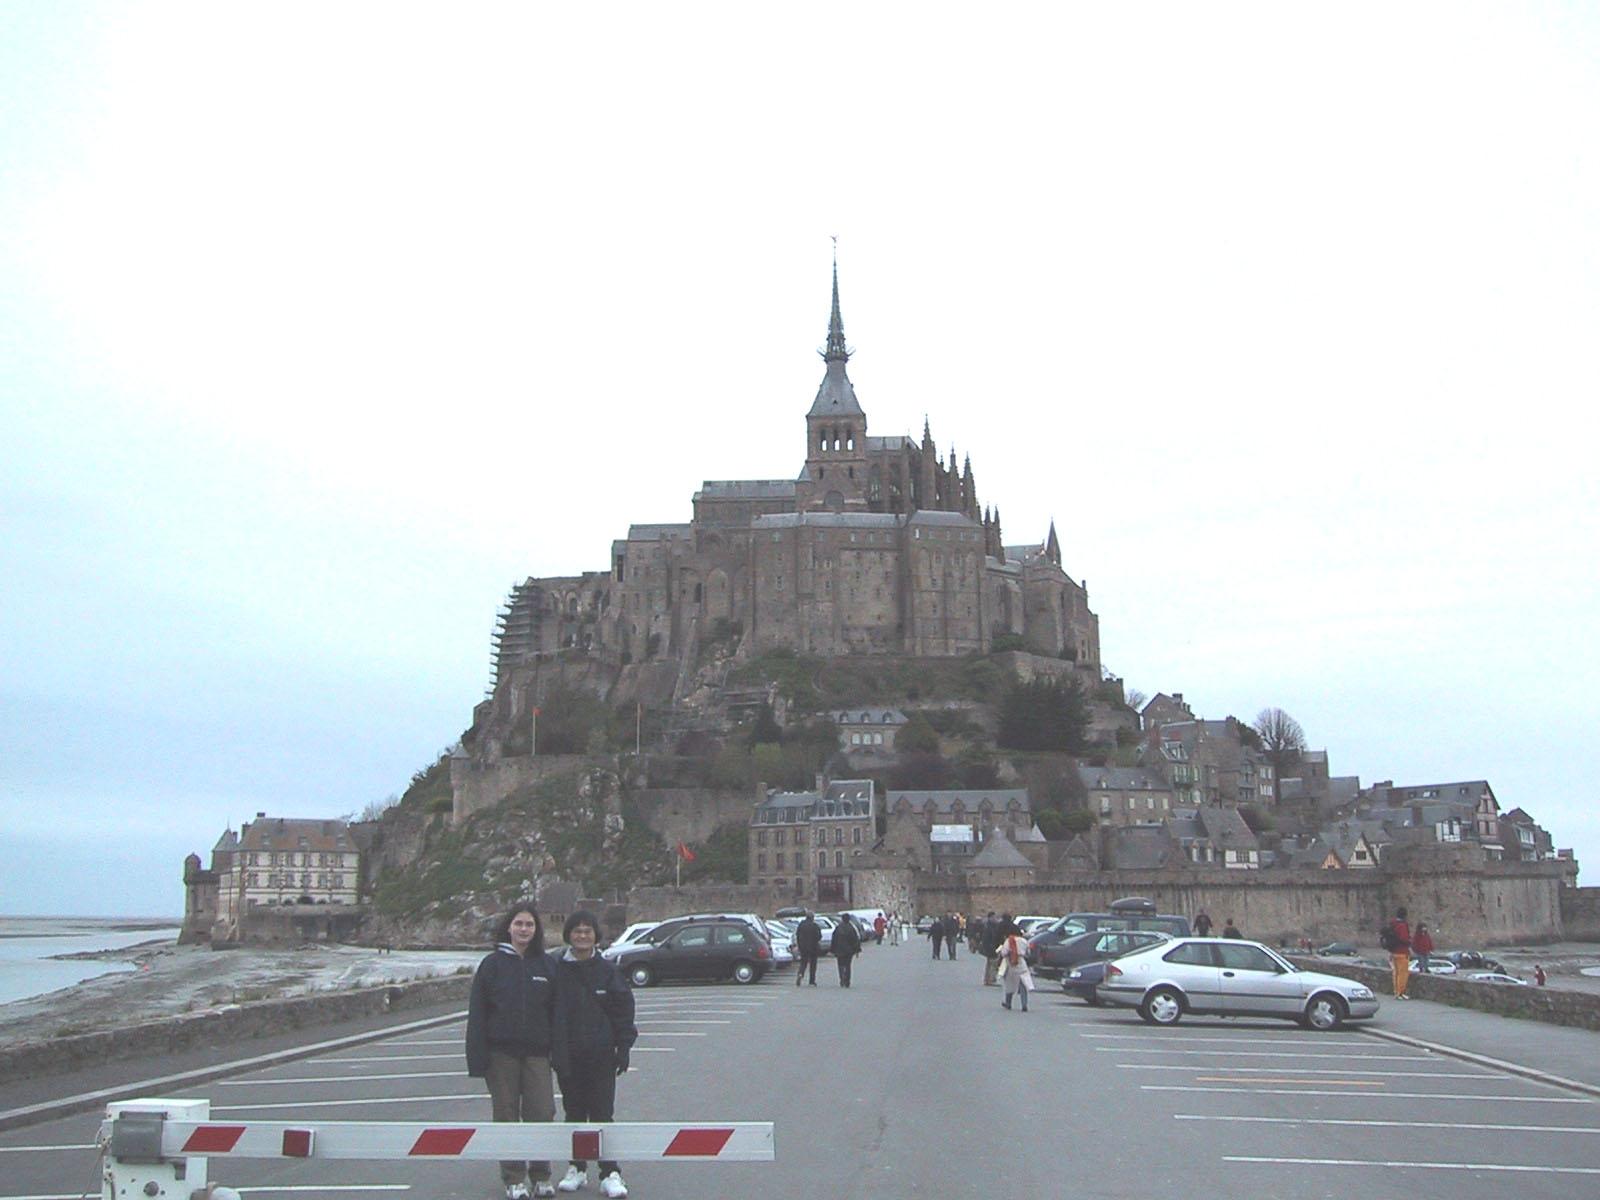 Le Mont-Saint-Michel Normandy France